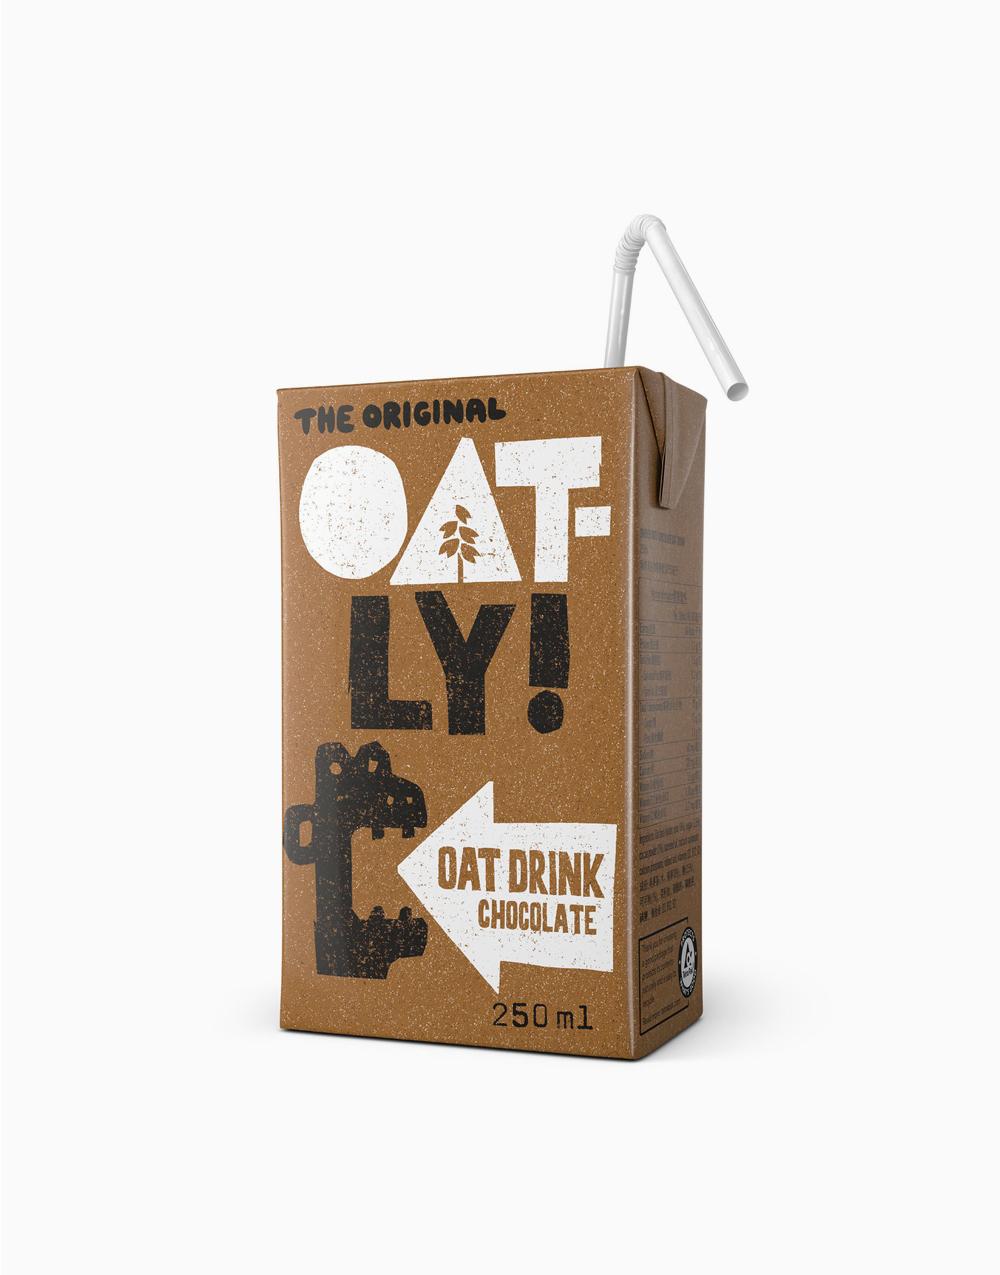 Oat Drink Chocolate (250ml) by Oatly